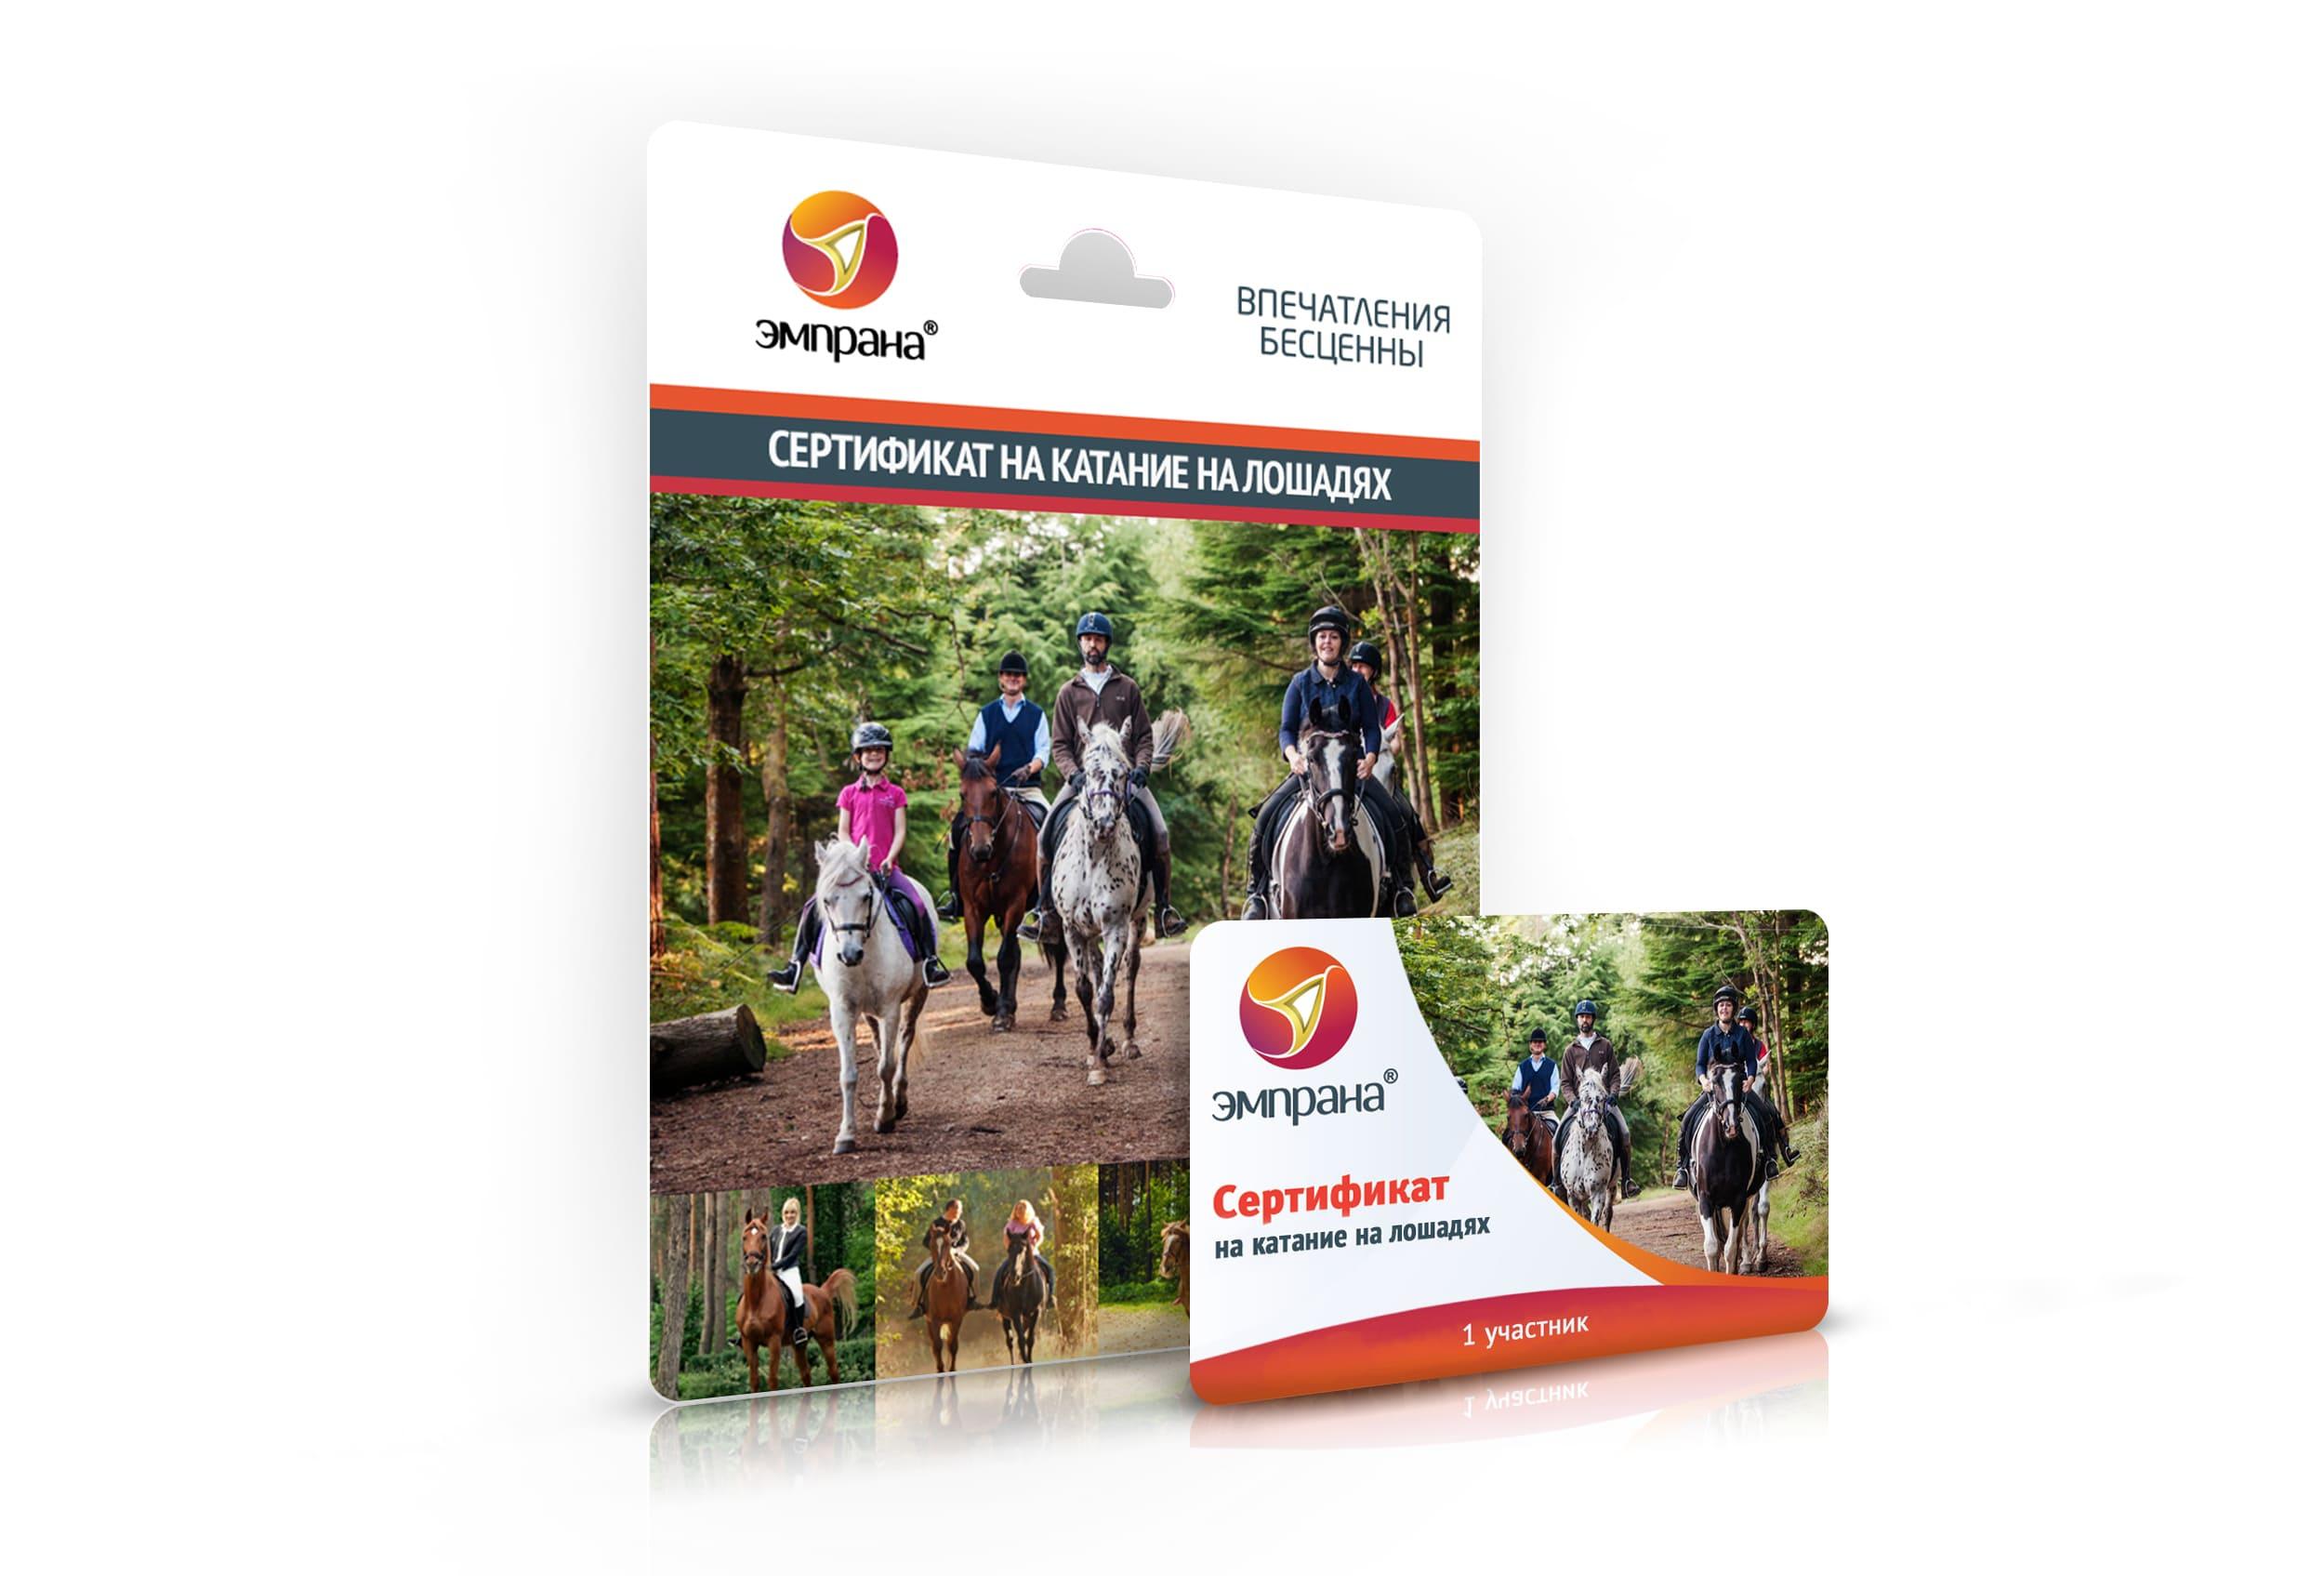 Сертификат на катание на лошадях